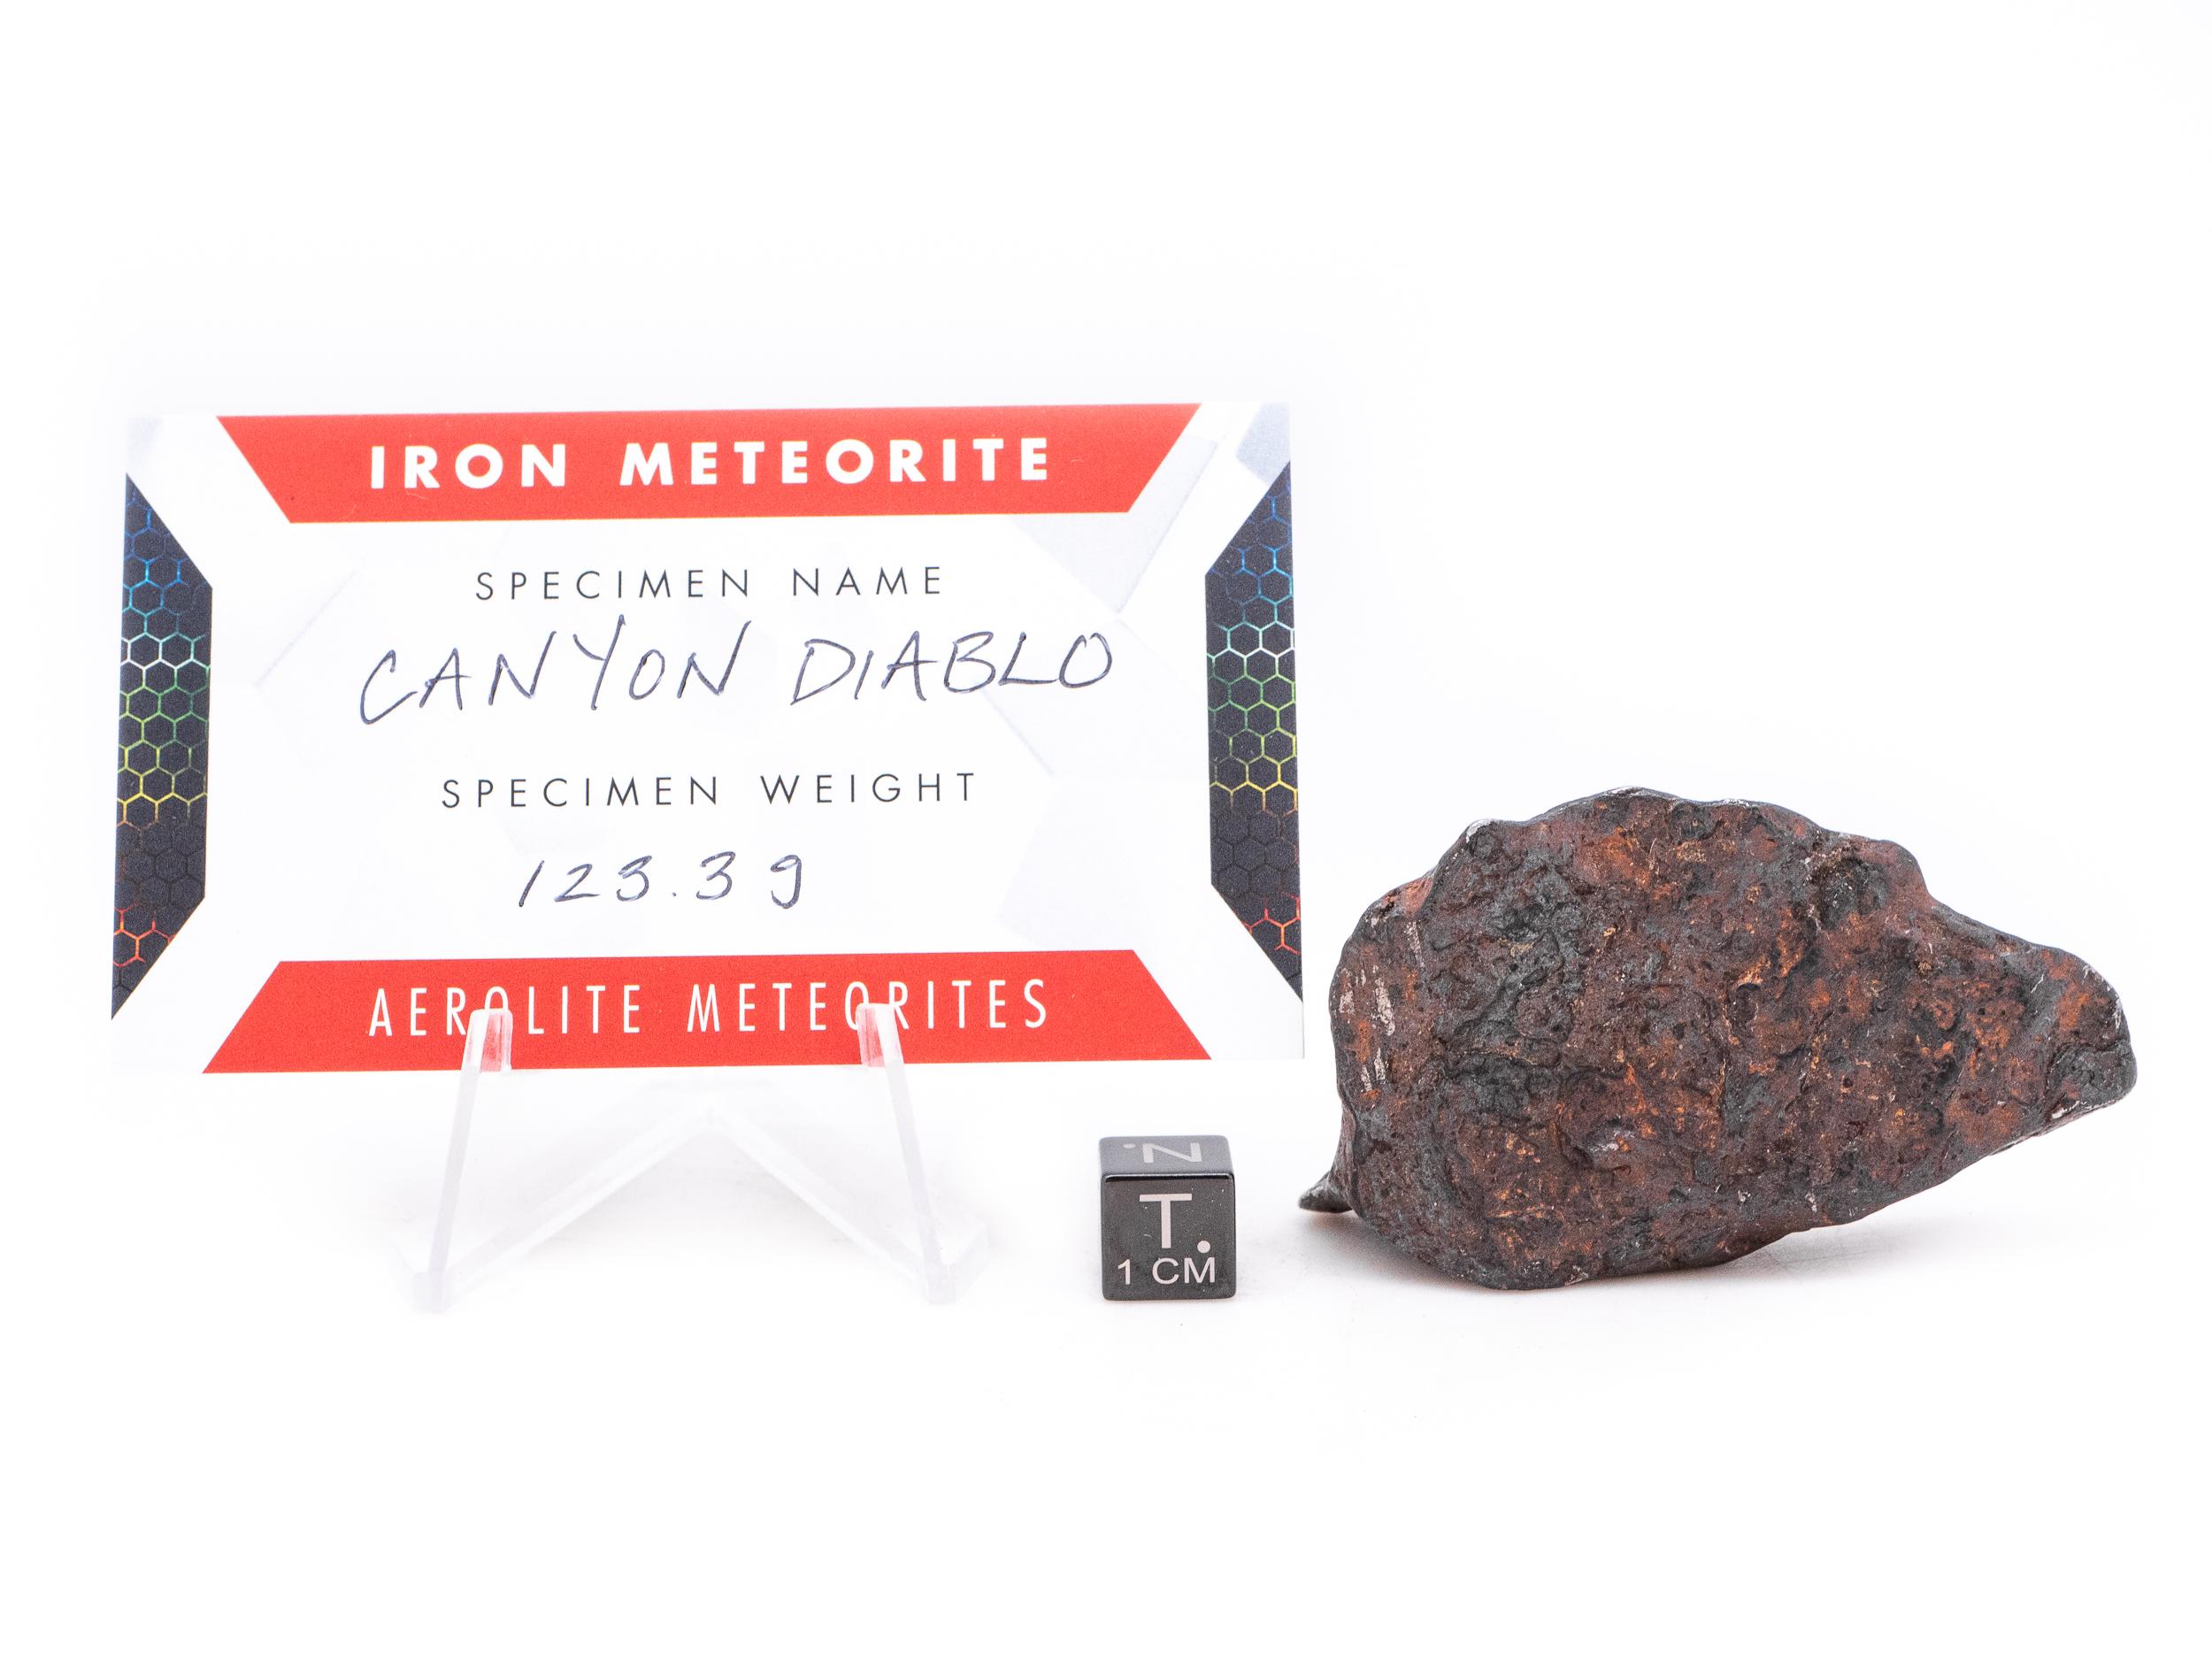 canyon diablo iron 123g